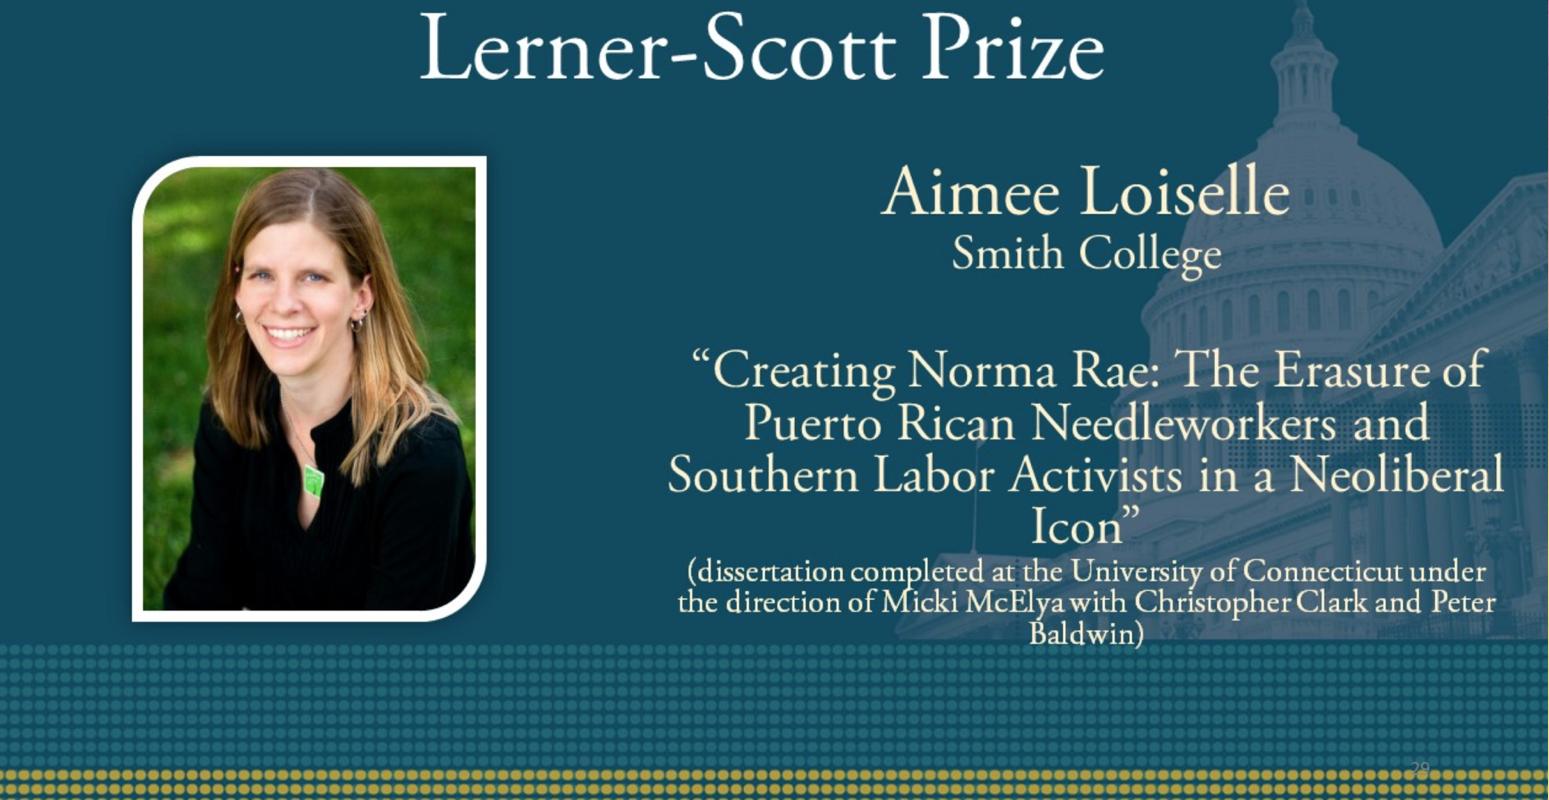 Aimee Loiselle OAH Award